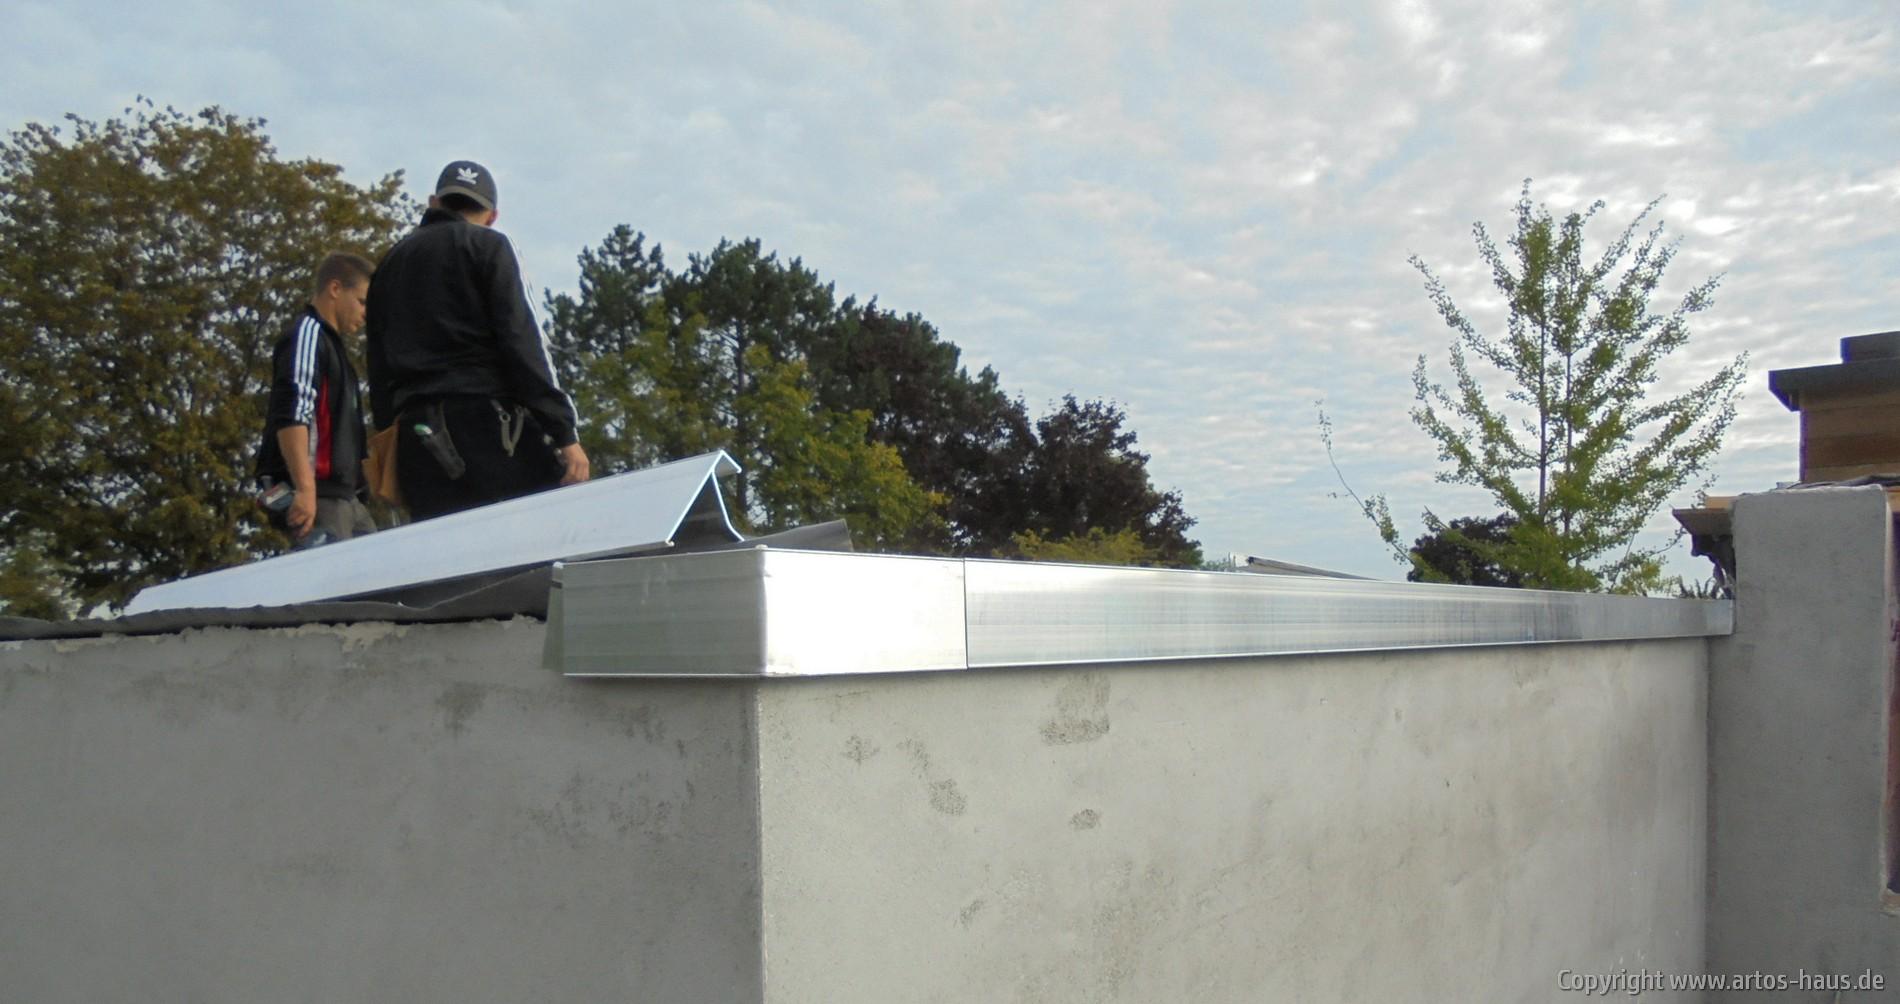 Dachabschluß T-Profil - ARTOS HAUS Bild 1